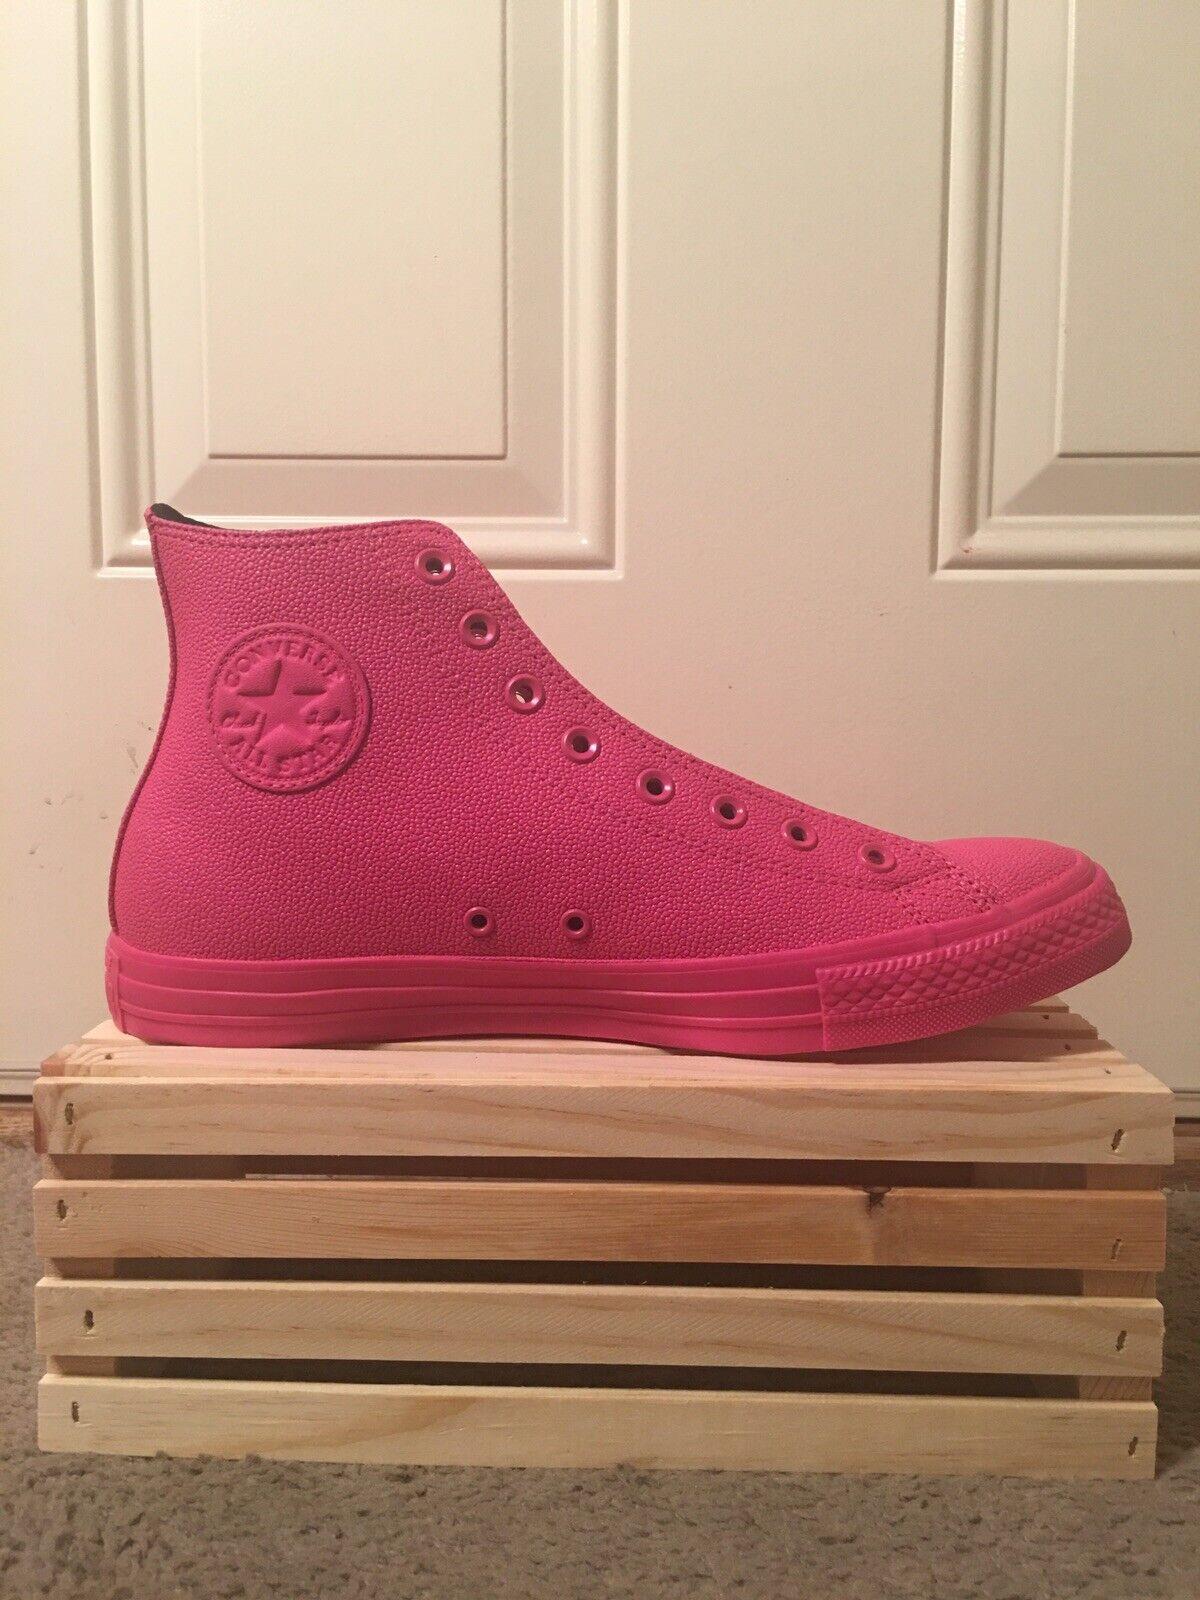 Unisex Women's And Men's shoes Men's 10.5  Women's 12.5